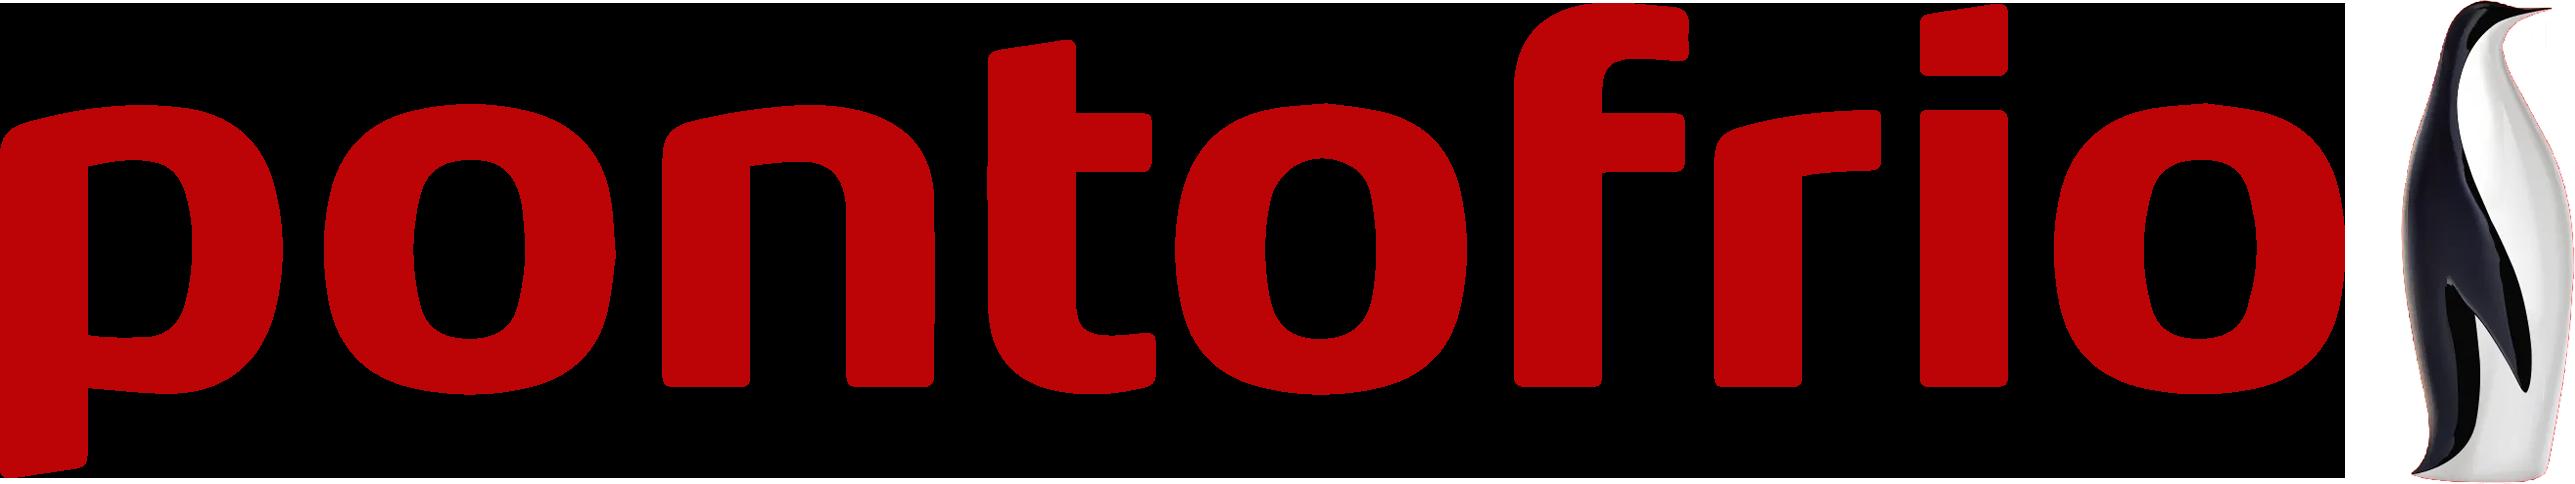 Pontofrio 2012